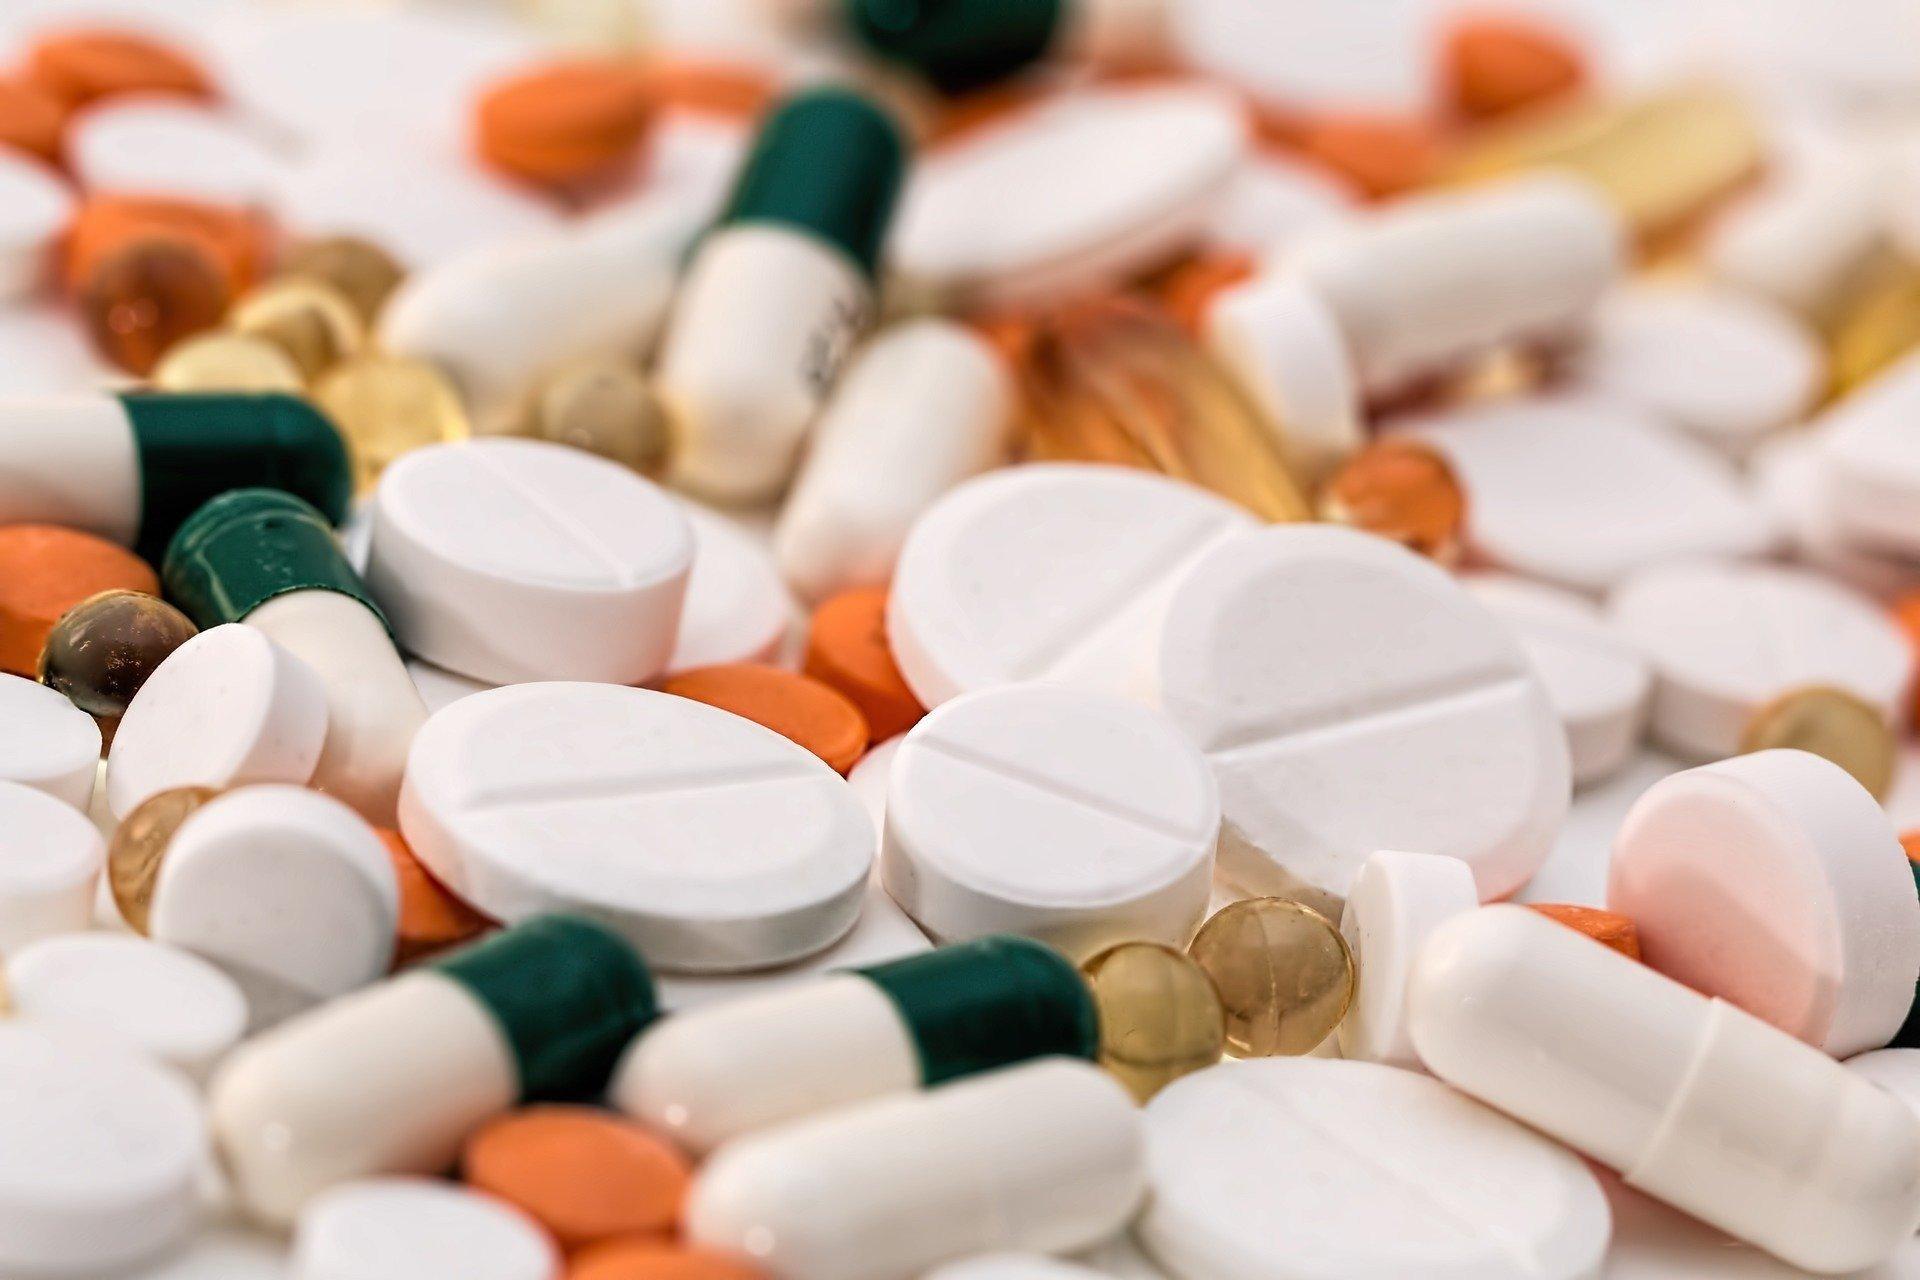 Началось крупнейшее тестирование лекарства от Covid-19